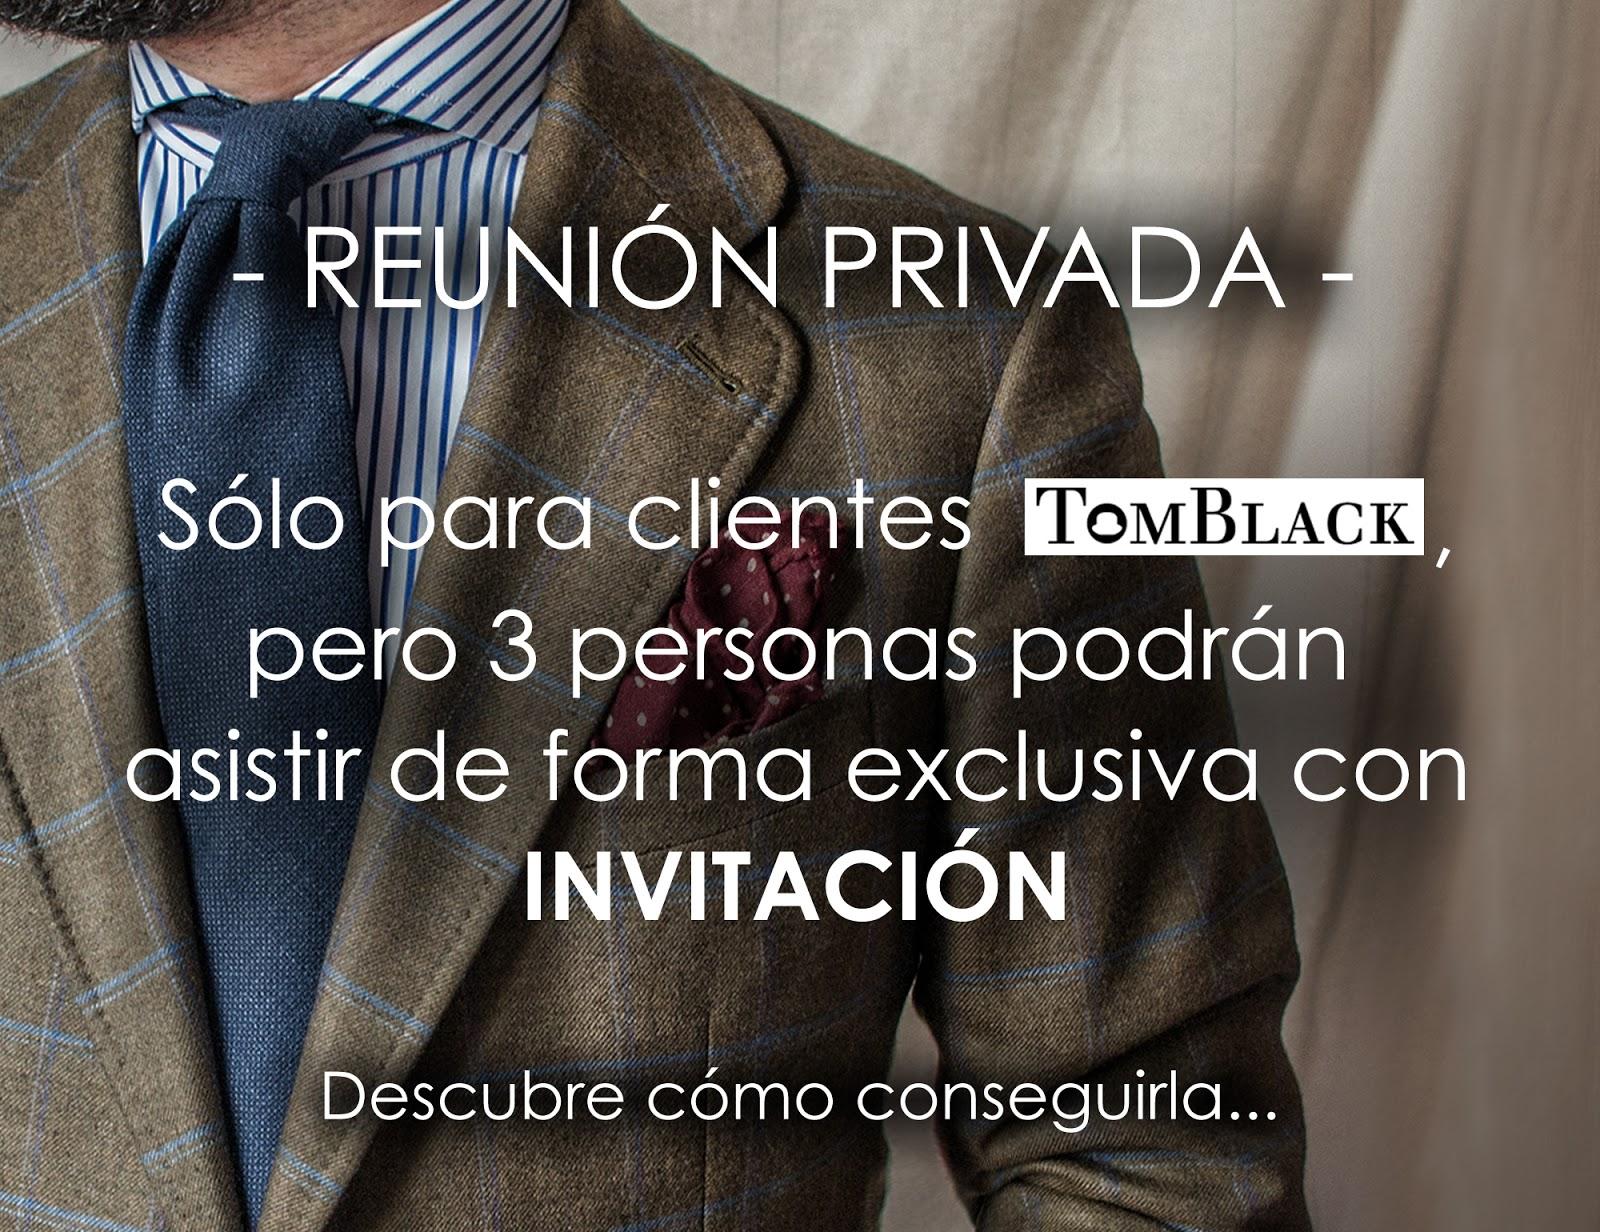 Reunión Privada TOMBLACK.